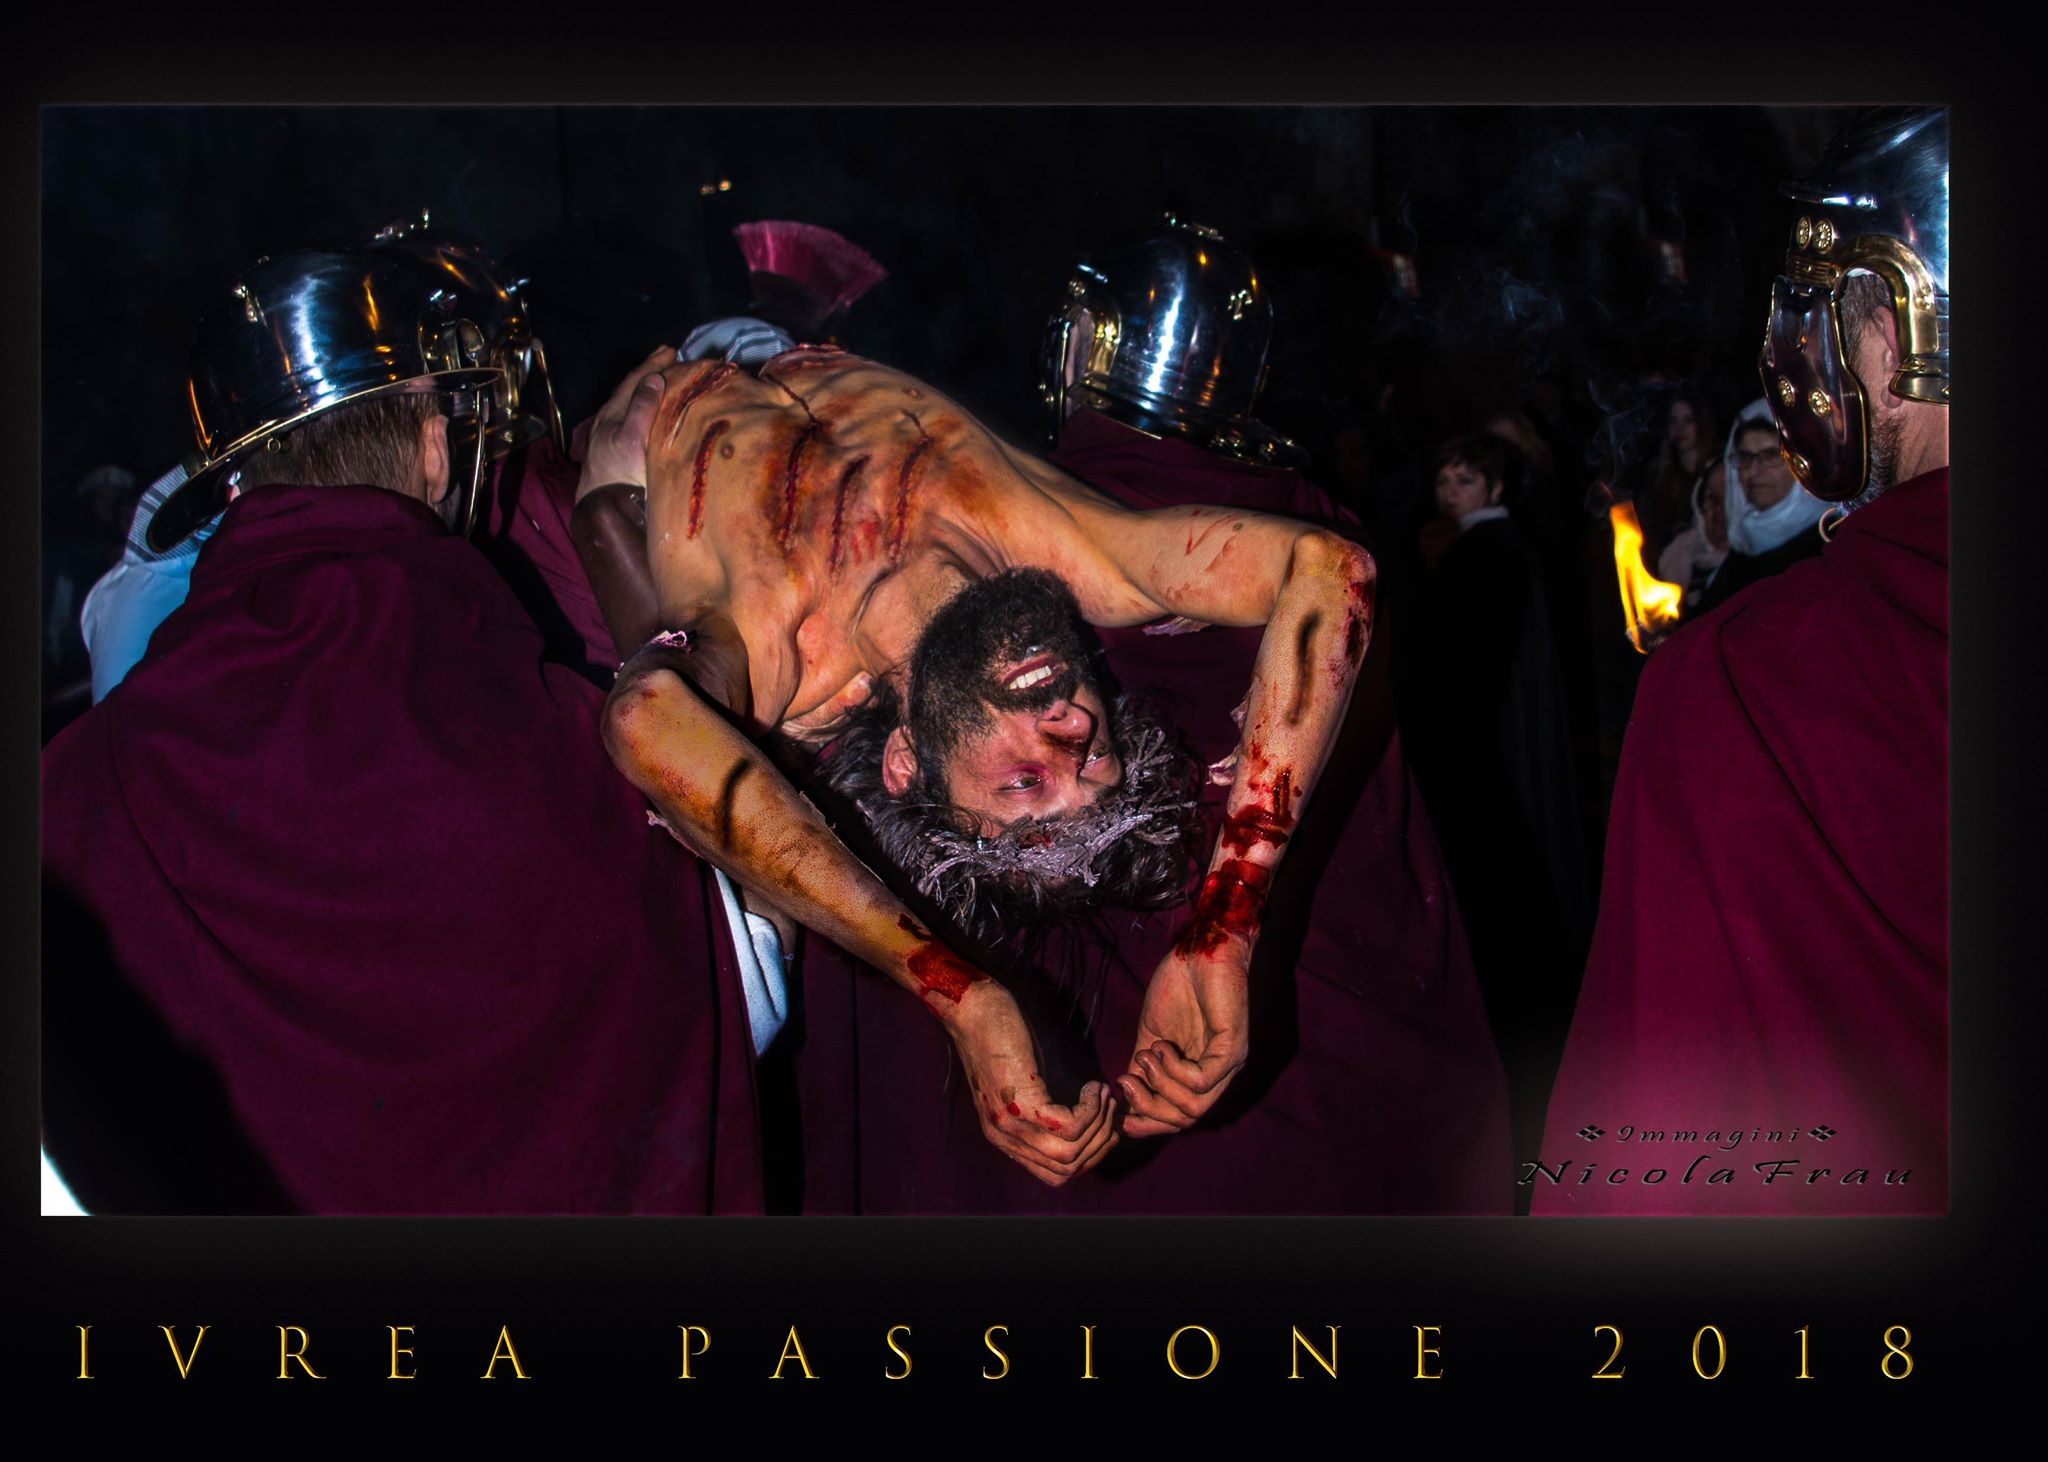 Passione di Cristo Ivrea 2018 - UNESCO - Nicola Frau (Deposizione nel Sepolcro)